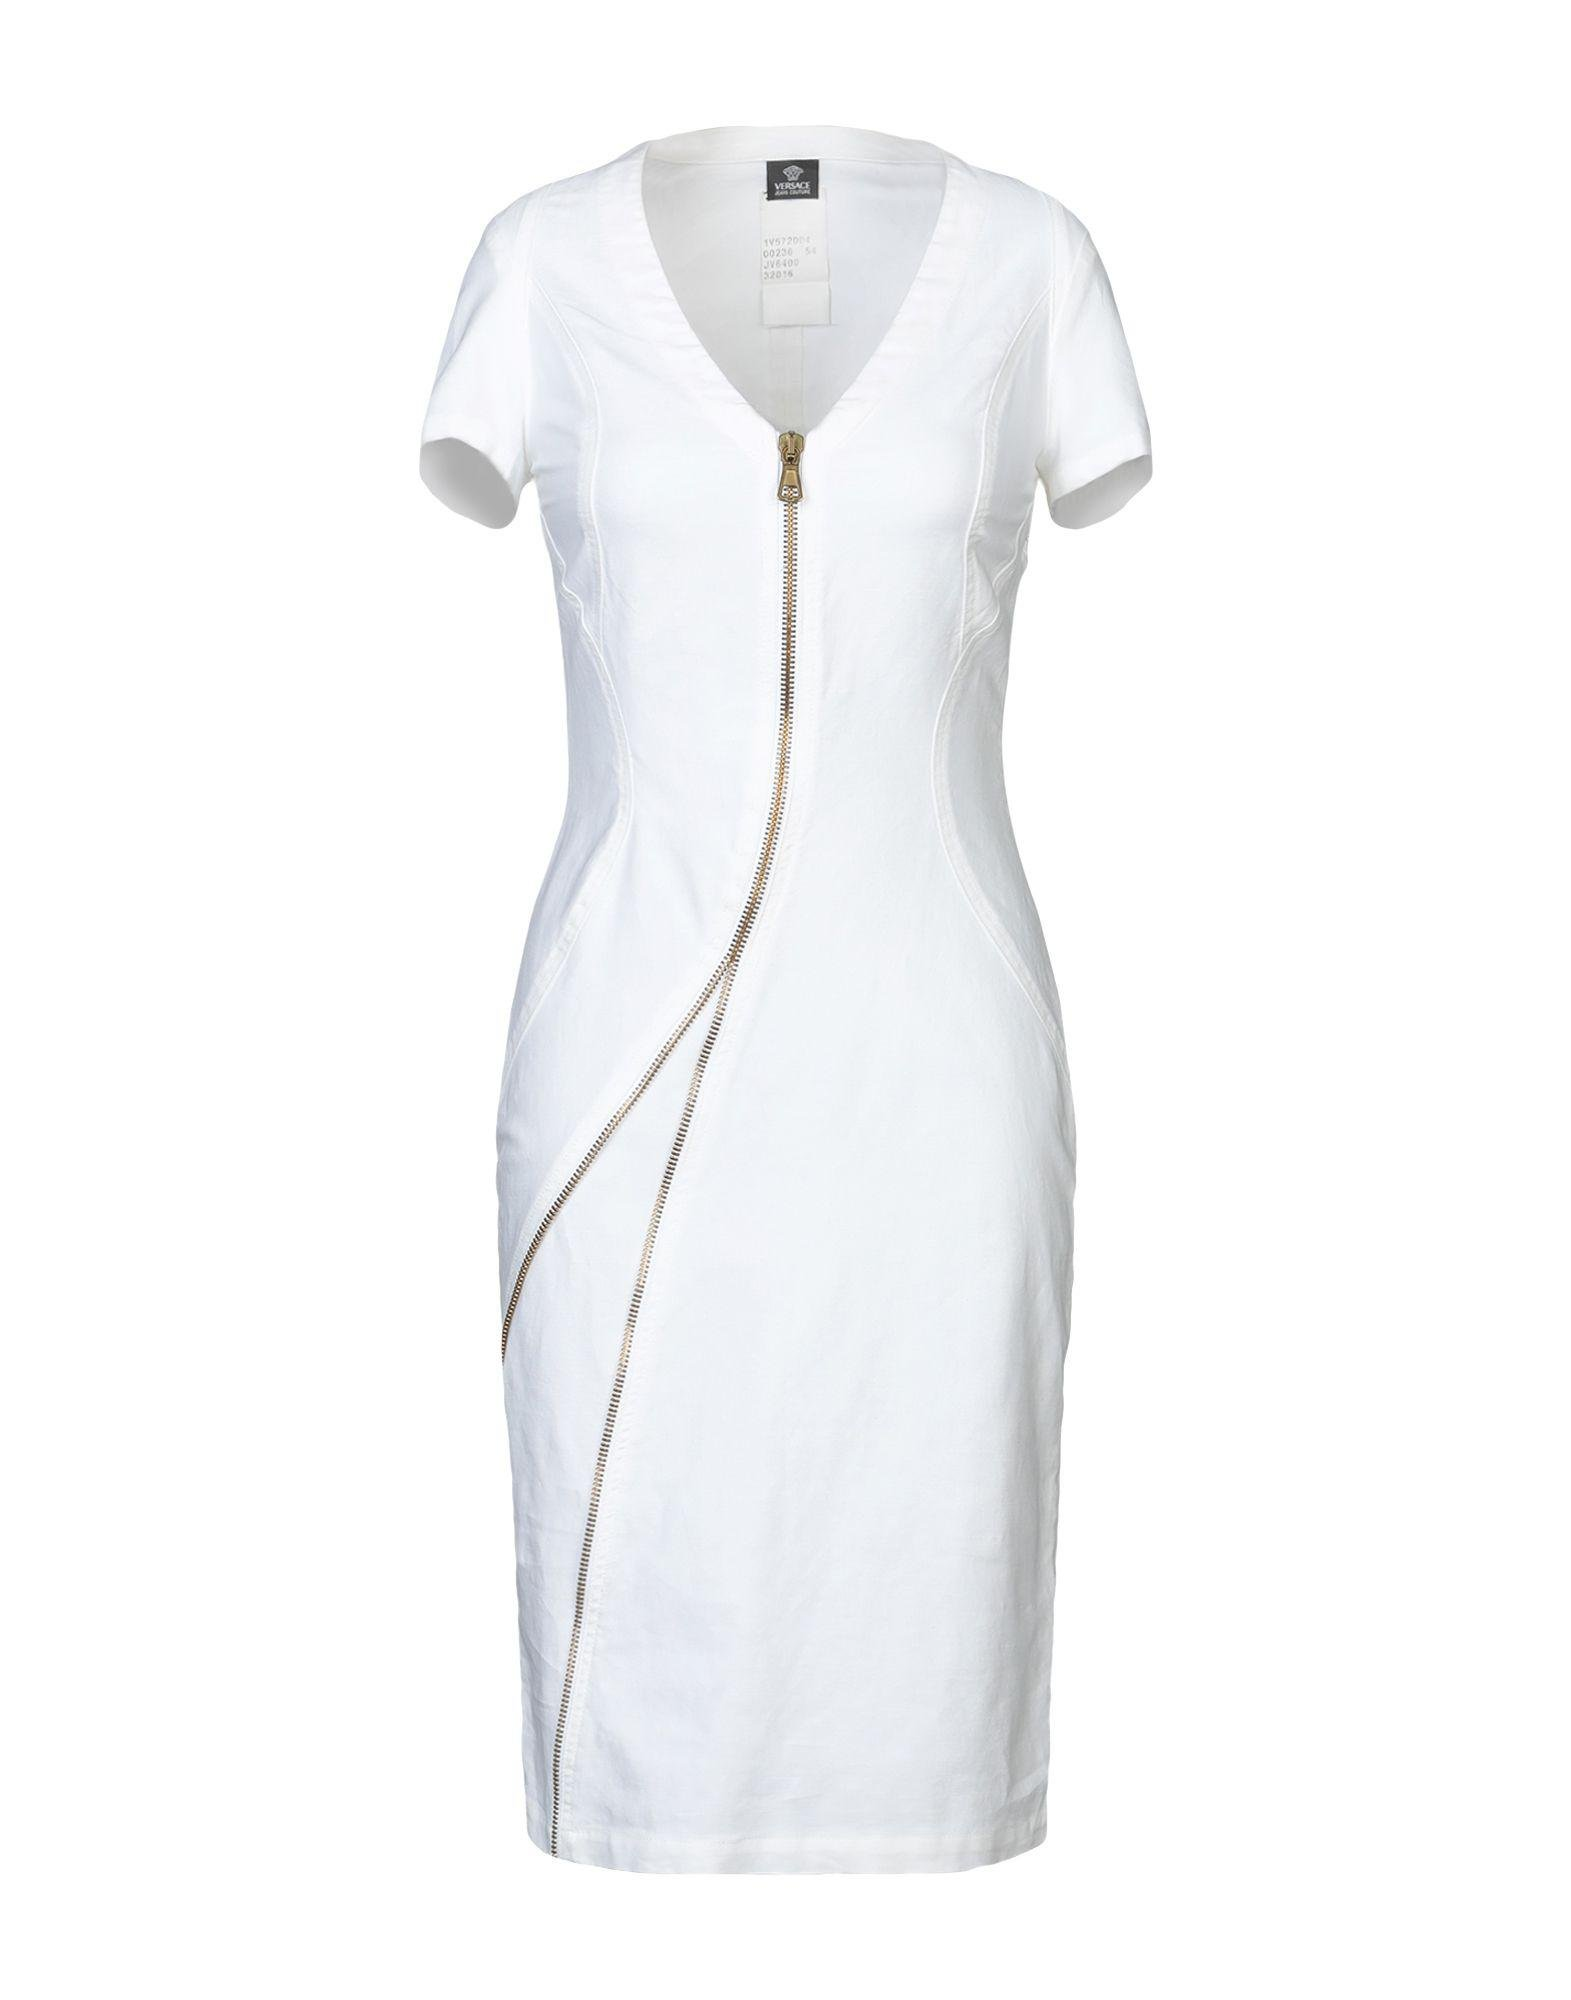 b622cbfeb7e Lyst - Versace Jeans Knee-length Dress in White